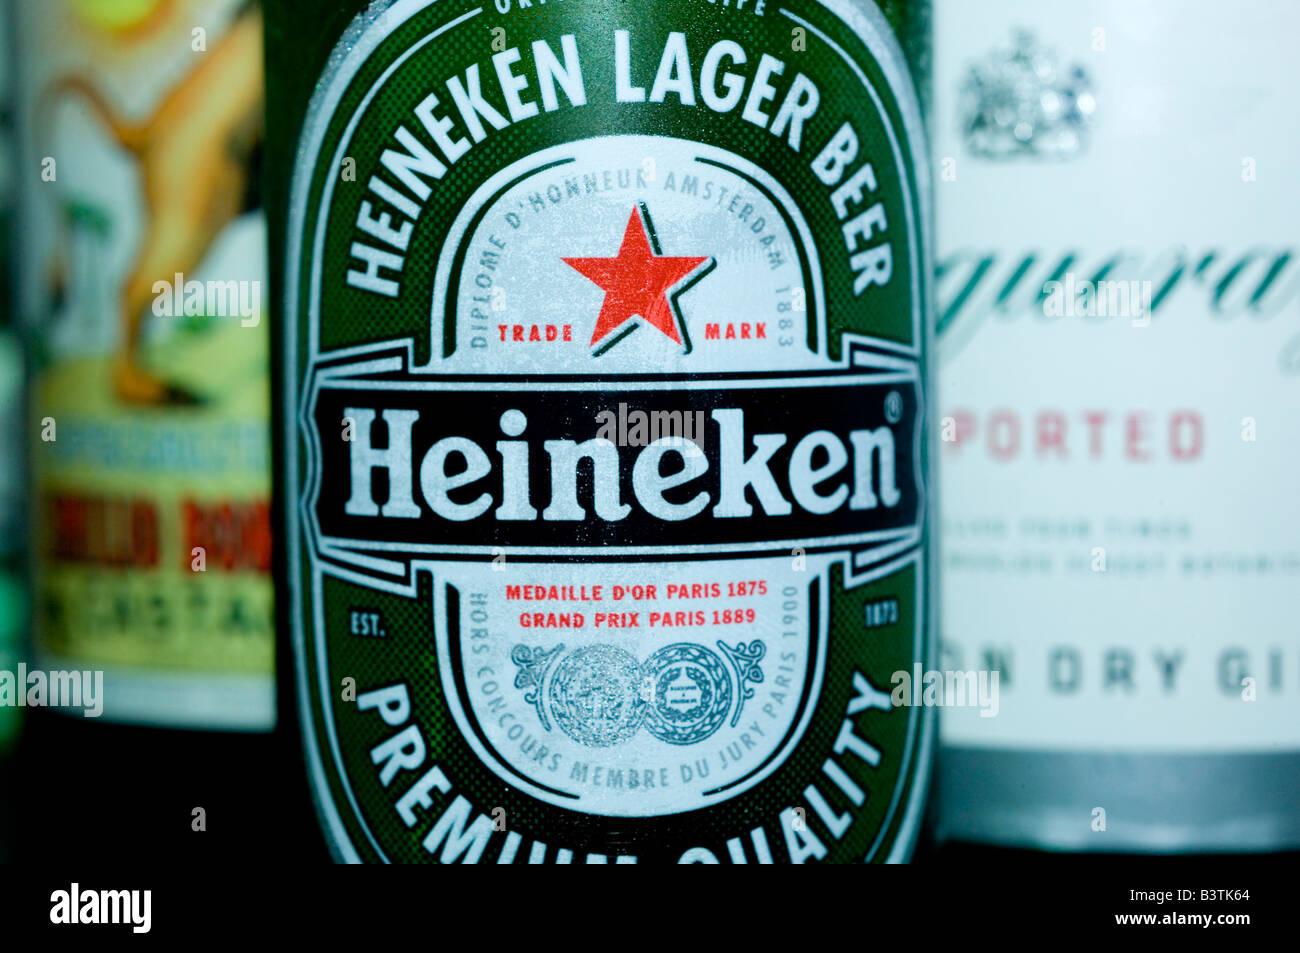 Heineken Beer Bottle Stock Photos